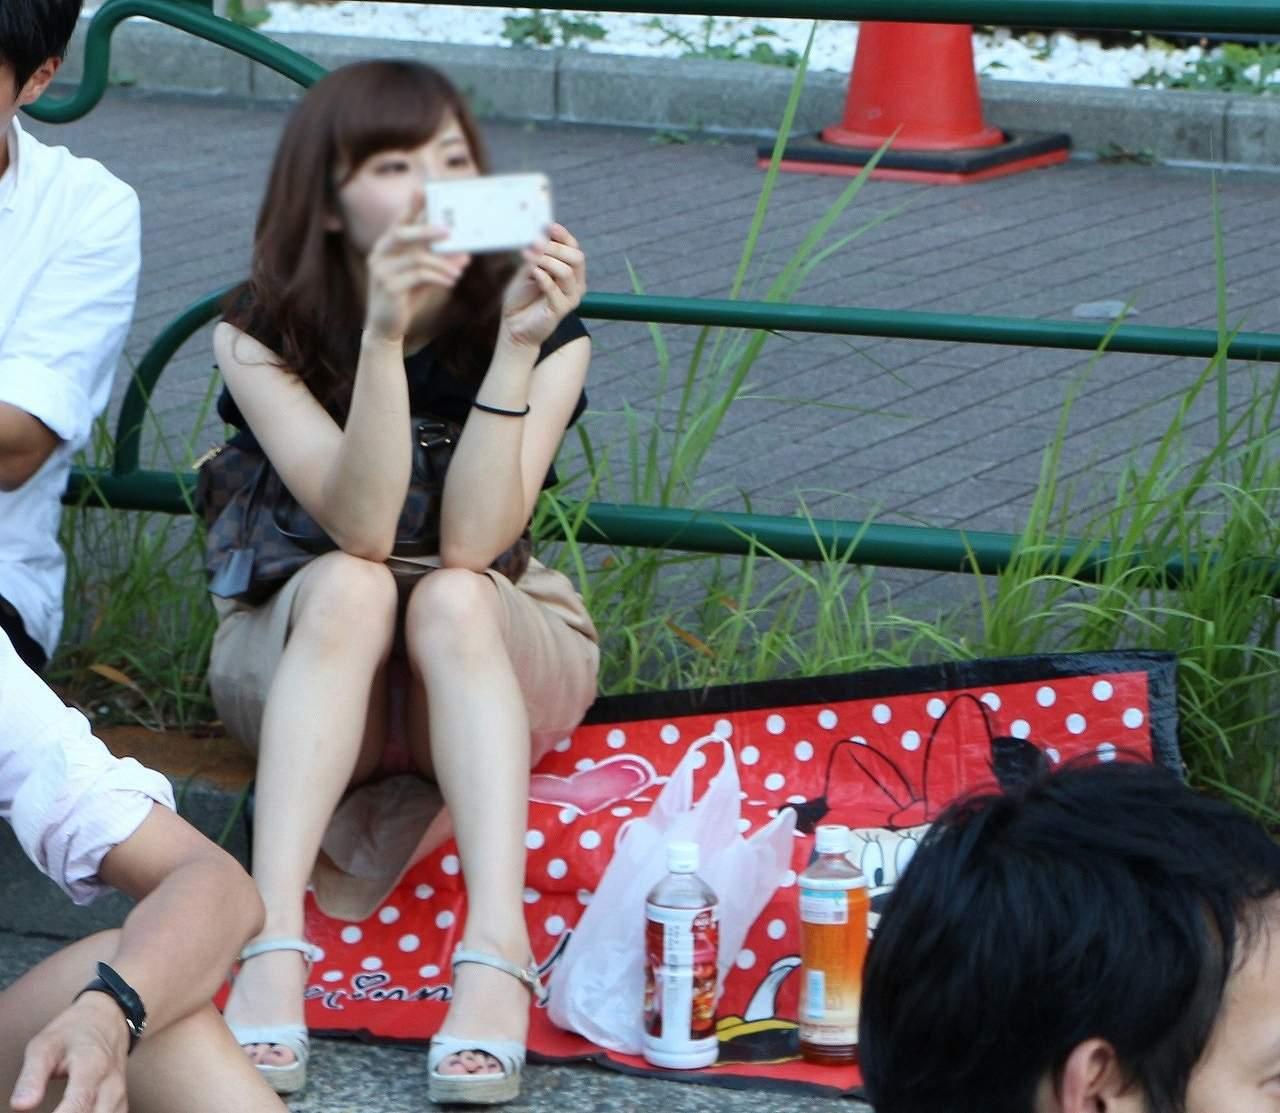 街中でパンチラしまくる素人女子 (18)